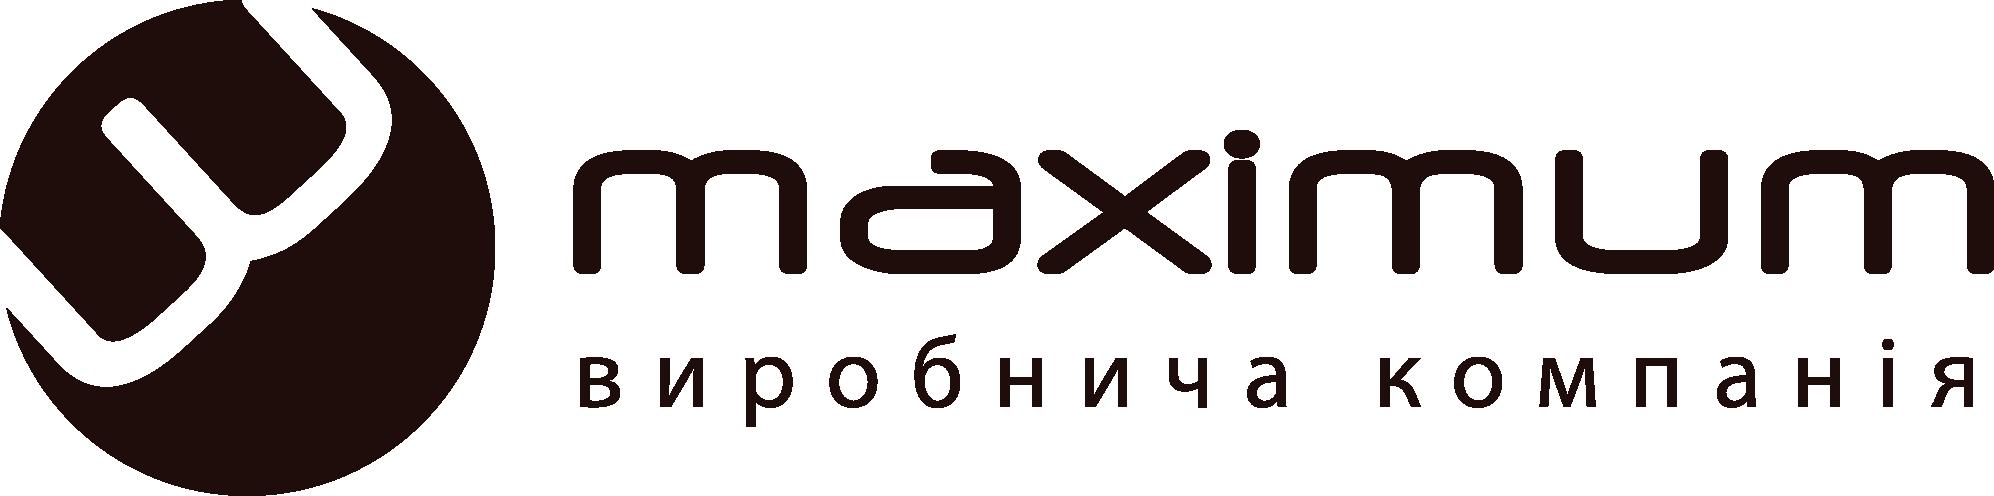 """Виробнича компанія """"Maximum"""""""